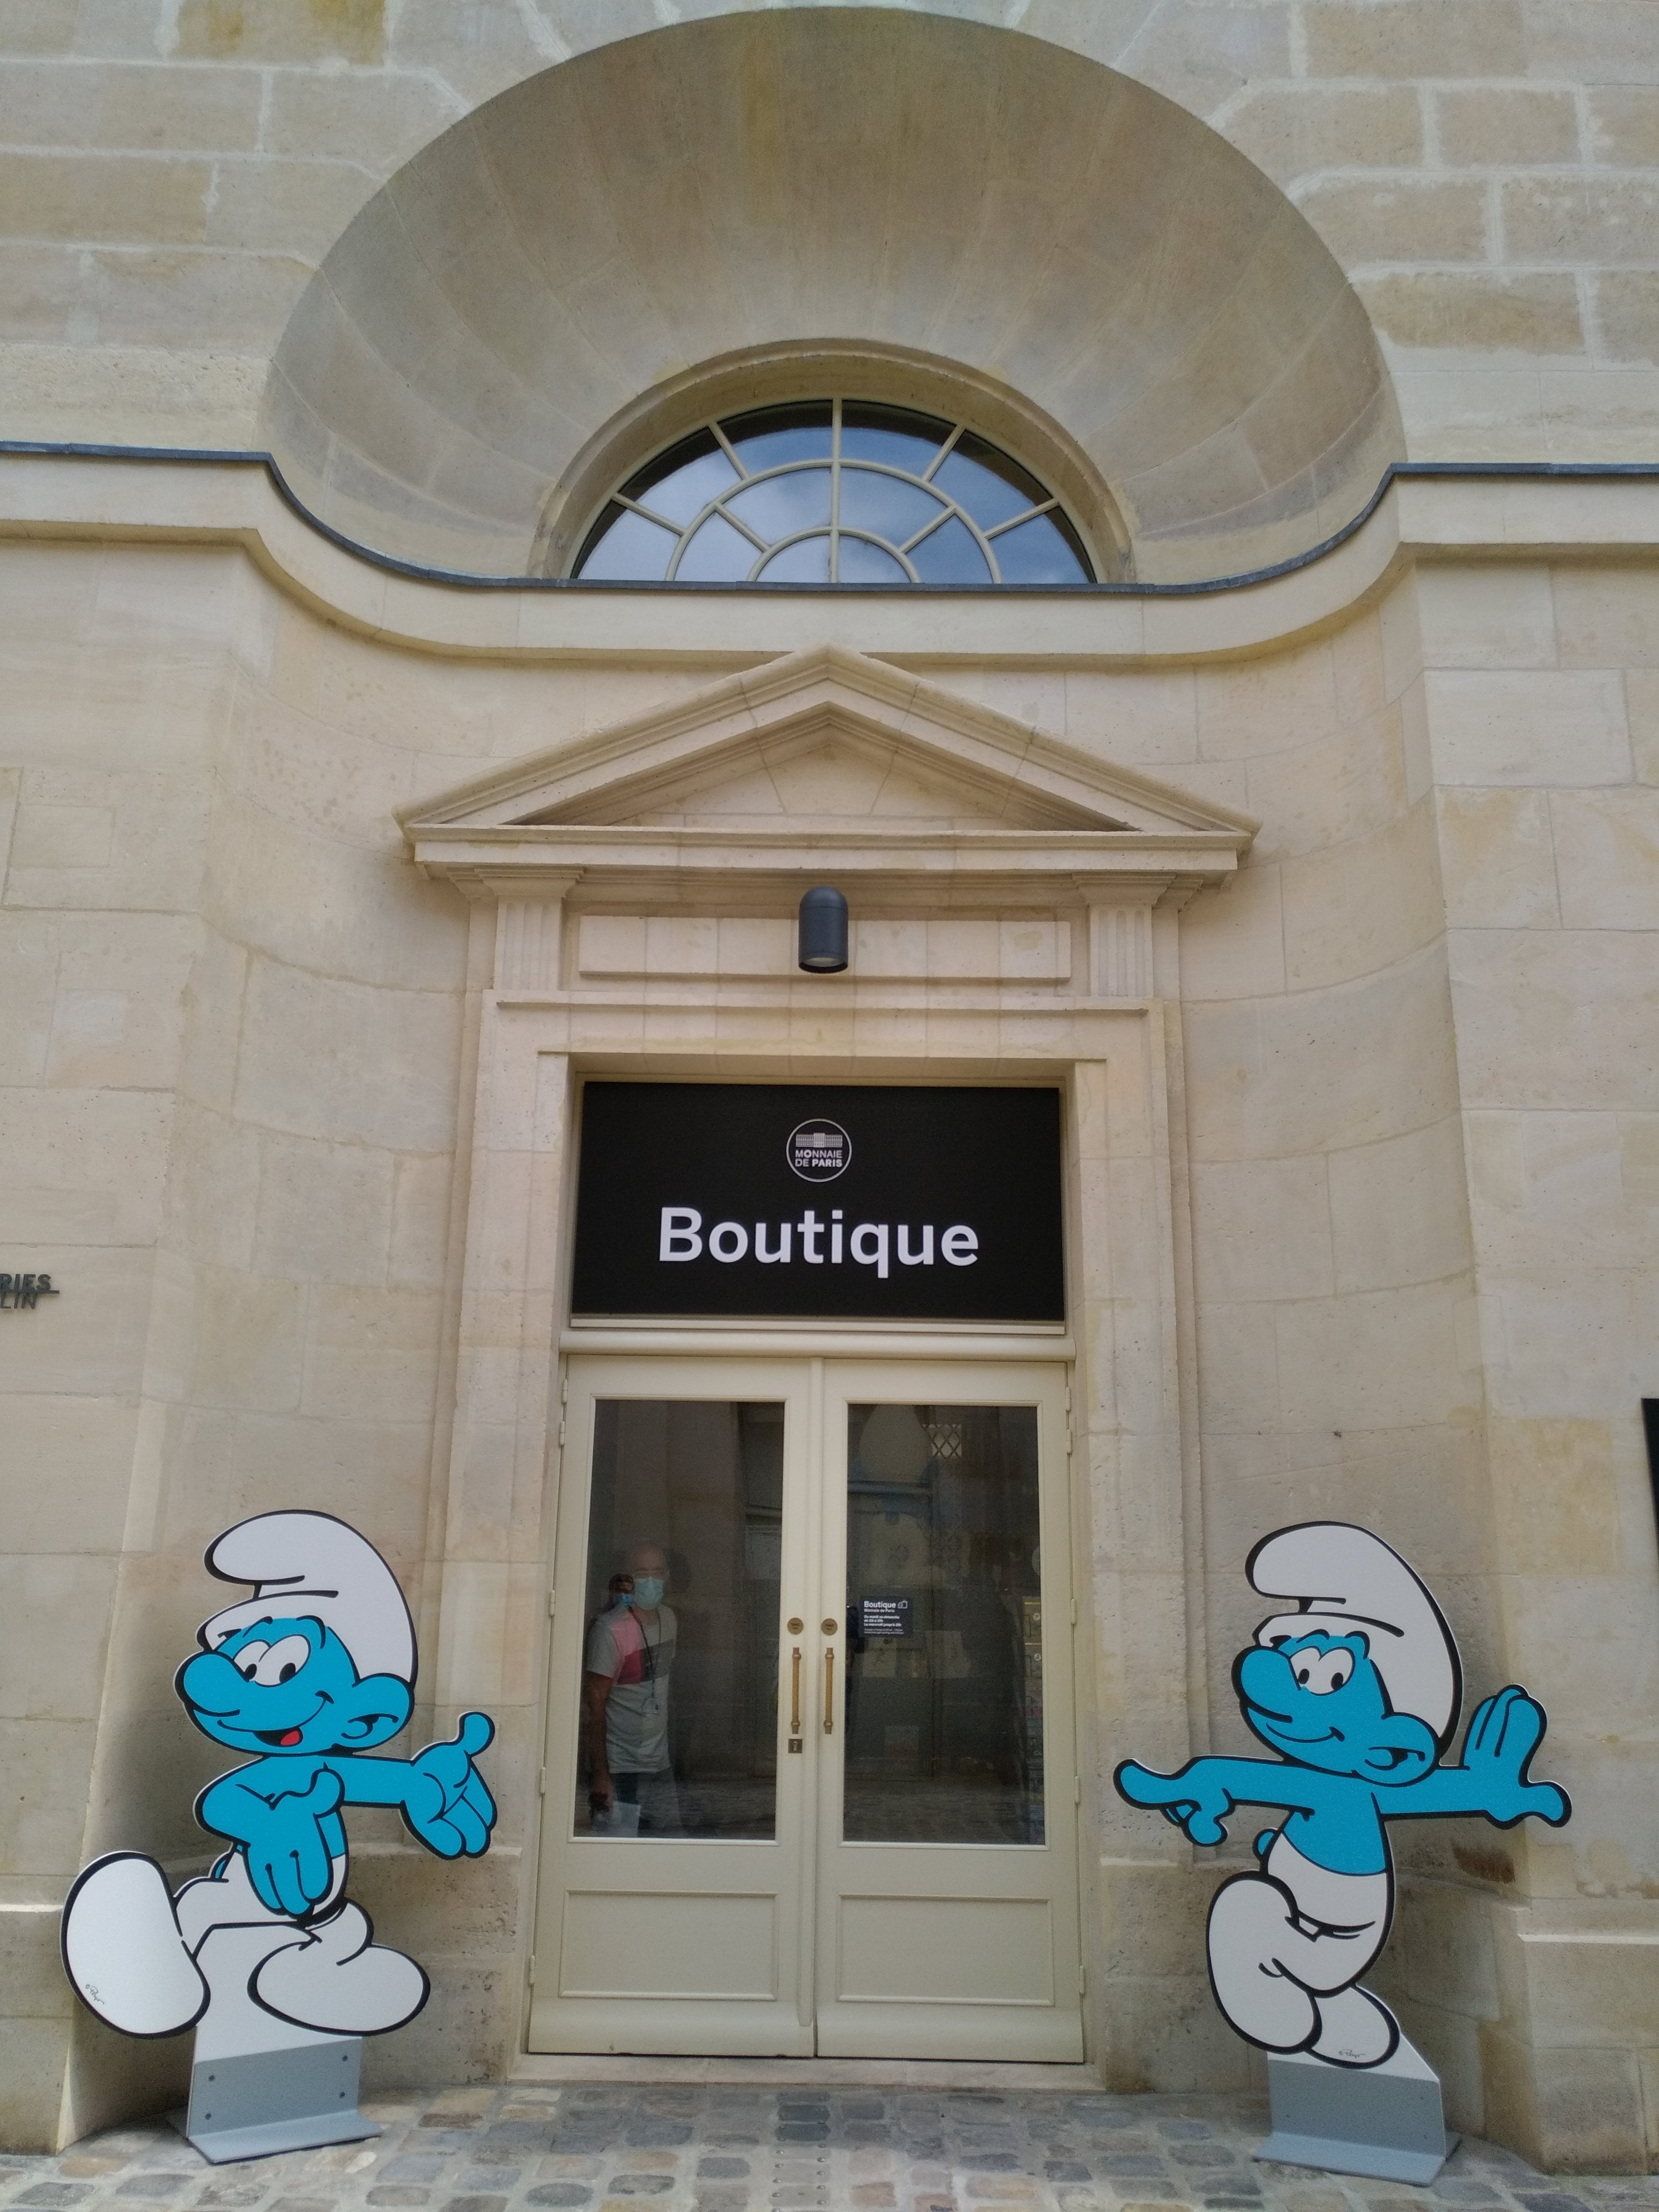 figurines des schtroumpfs devant l'entrée de la boutique de la Monnaie de Paris